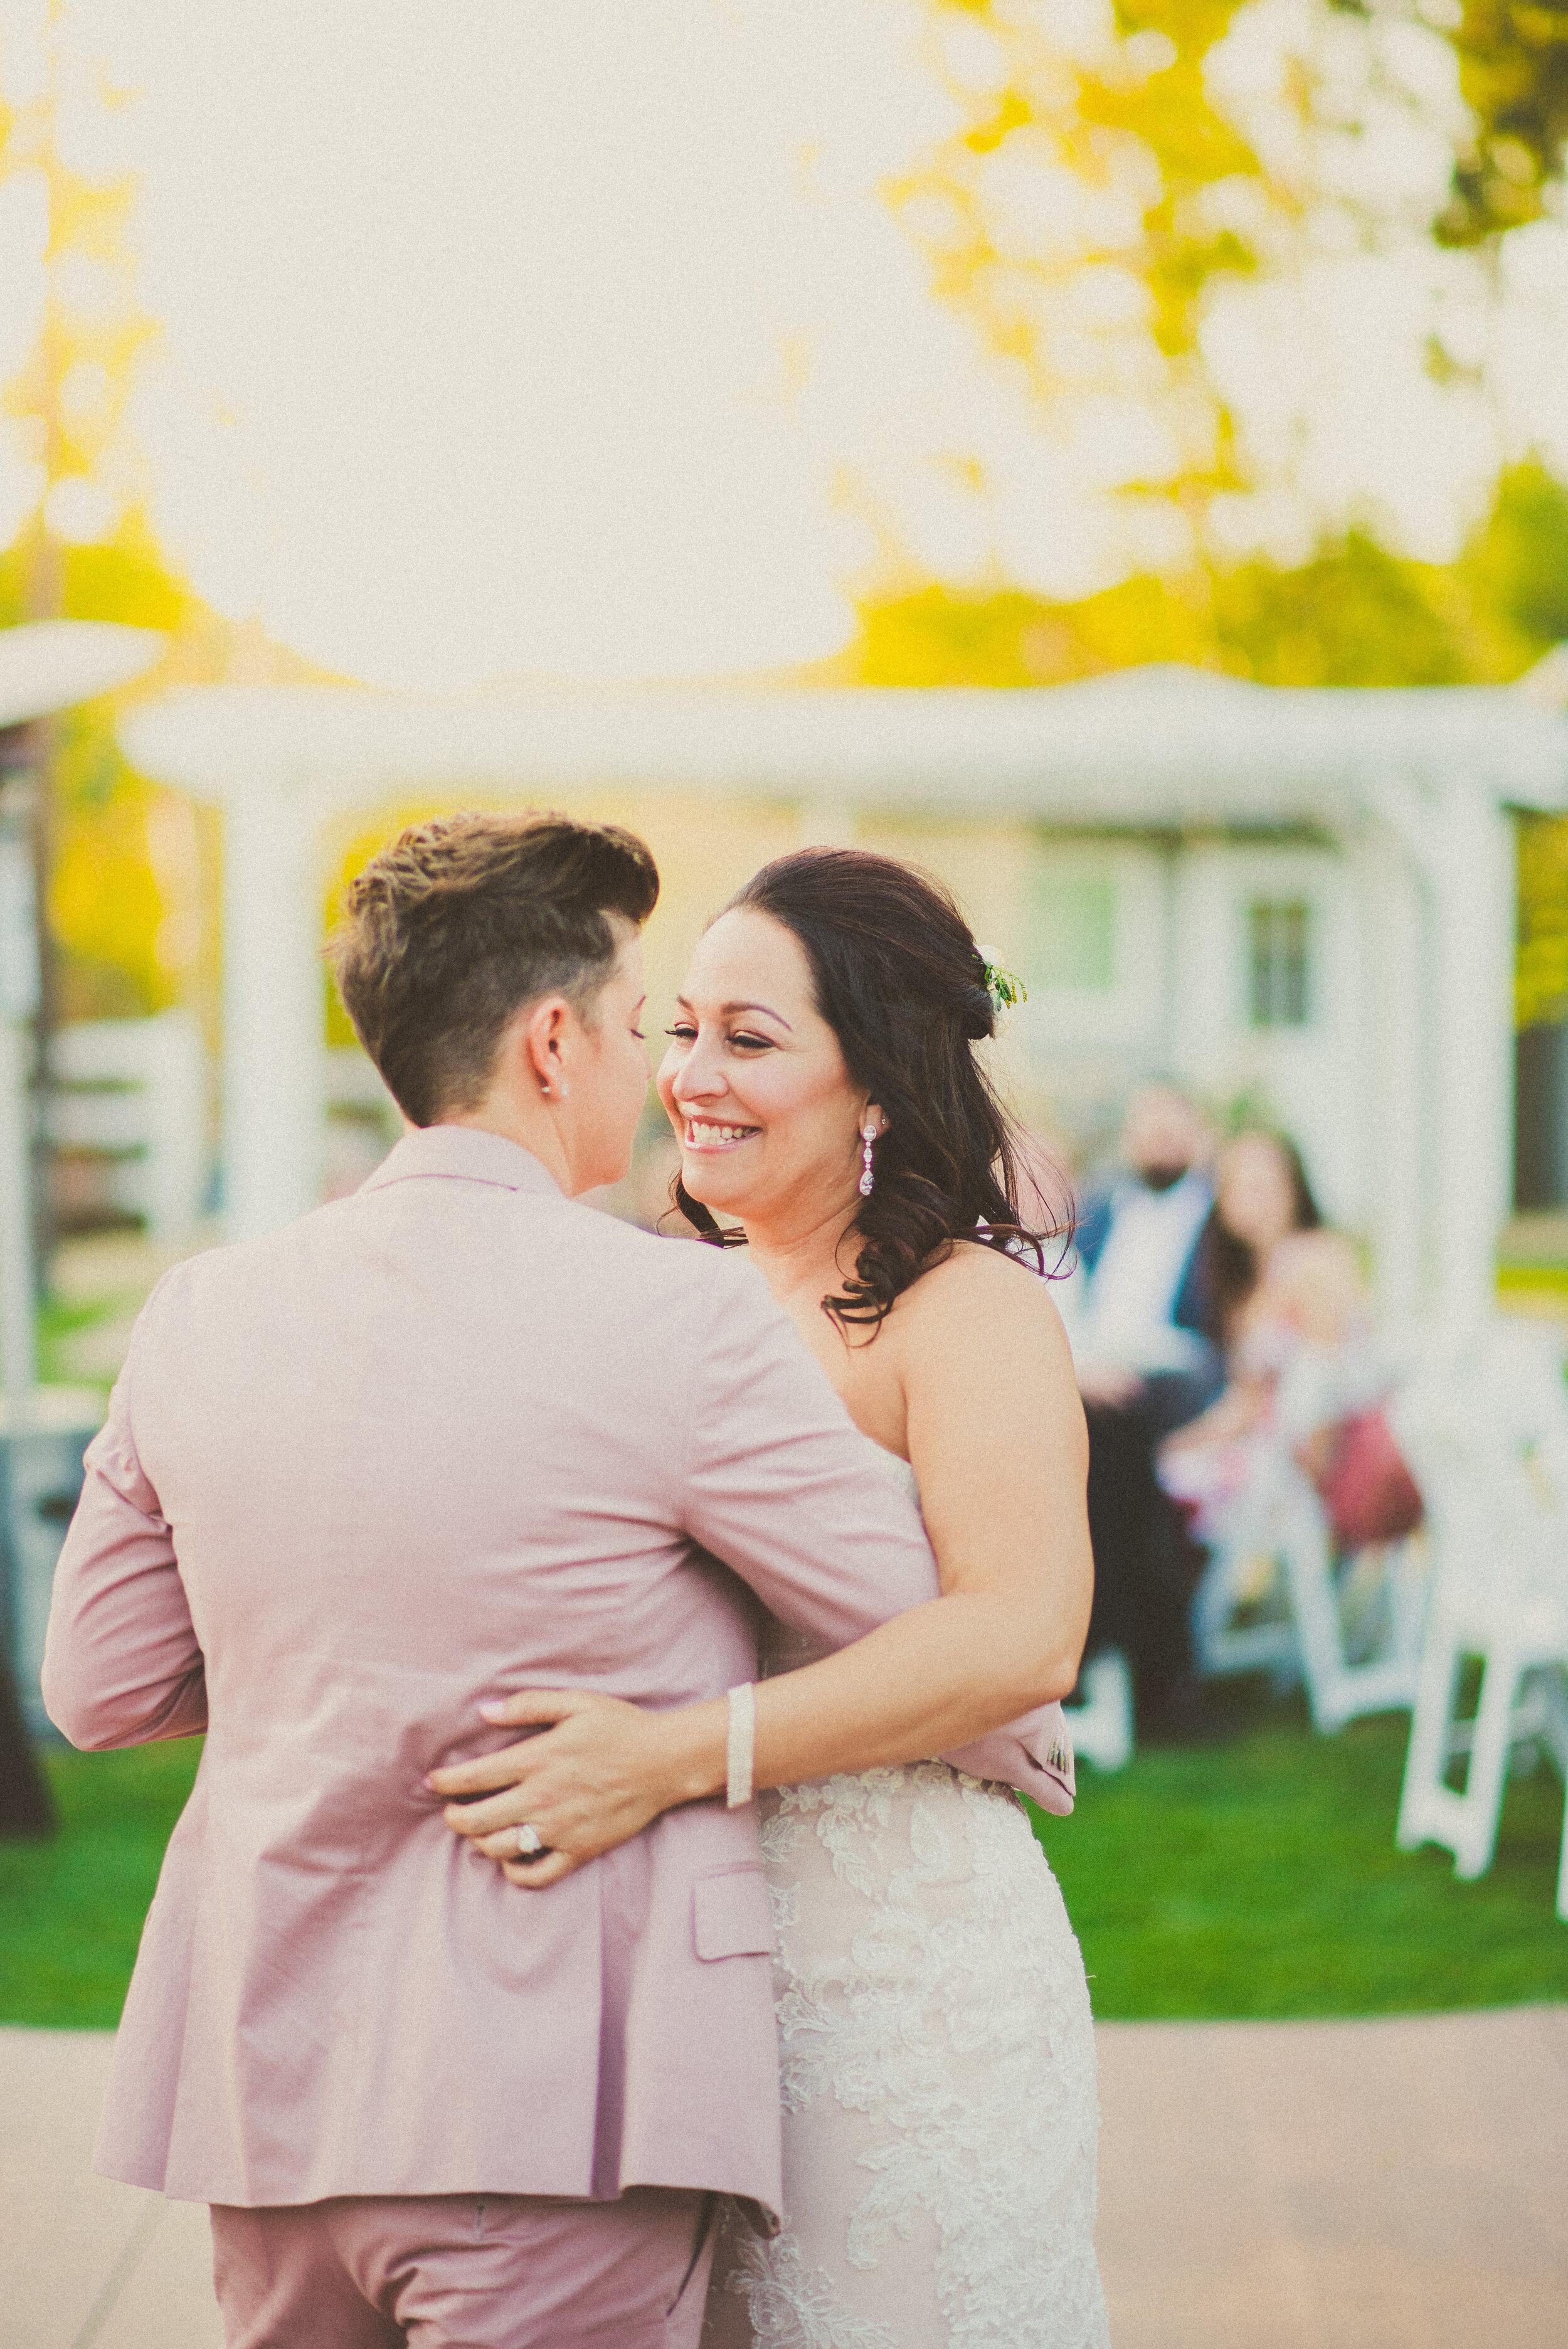 Demiglio Wedding - Reception-81.jpg